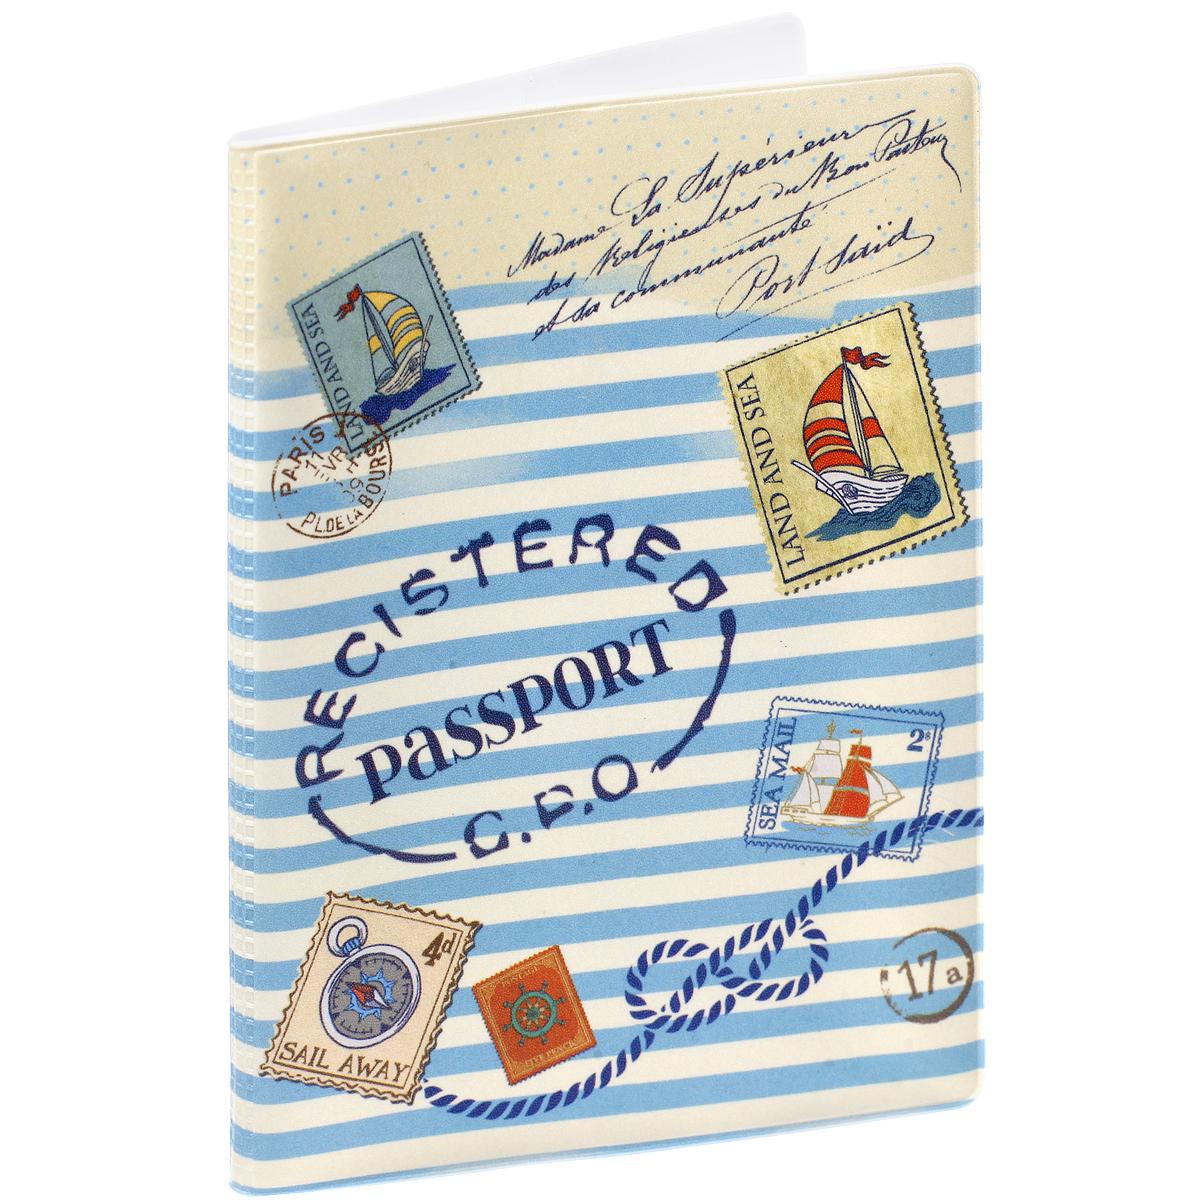 Обложка для паспорта Морская, цвет: синий, белый. 37712020Обложка для паспорта Морская не только поможет сохранить внешний вид ваших документов и защитить их от повреждений, но и станет стильным аксессуаром, идеально подходящим вашему образу. Обложка выполнена из поливинилхлорида и оформлена в морской тематике. Внутри имеет два вертикальных кармана из прозрачного пластика. Такая обложка поможет вам подчеркнуть свою индивидуальность и неповторимость!